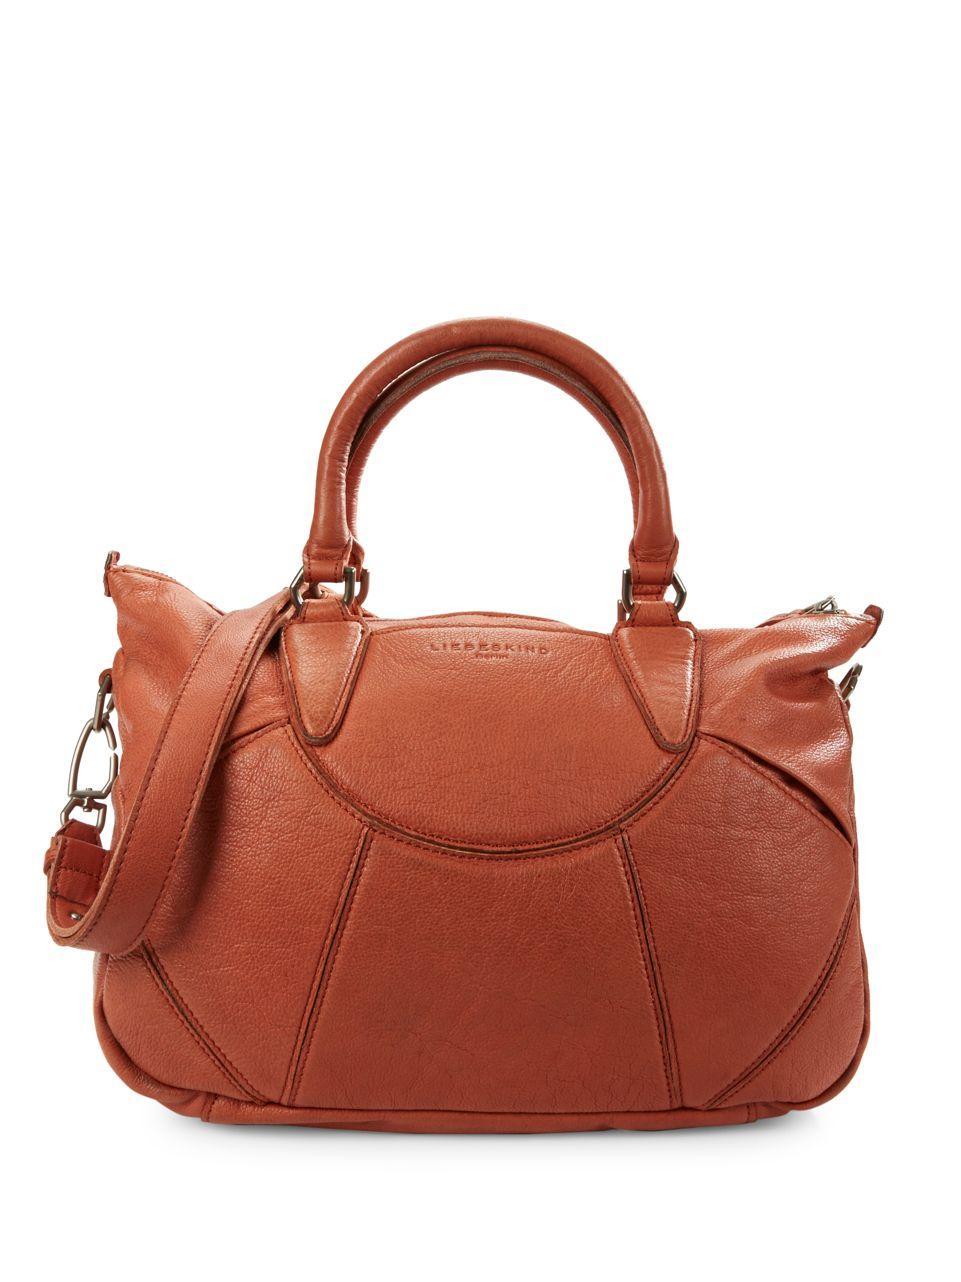 liebeskind berlin esther leather handbag in brown lyst. Black Bedroom Furniture Sets. Home Design Ideas